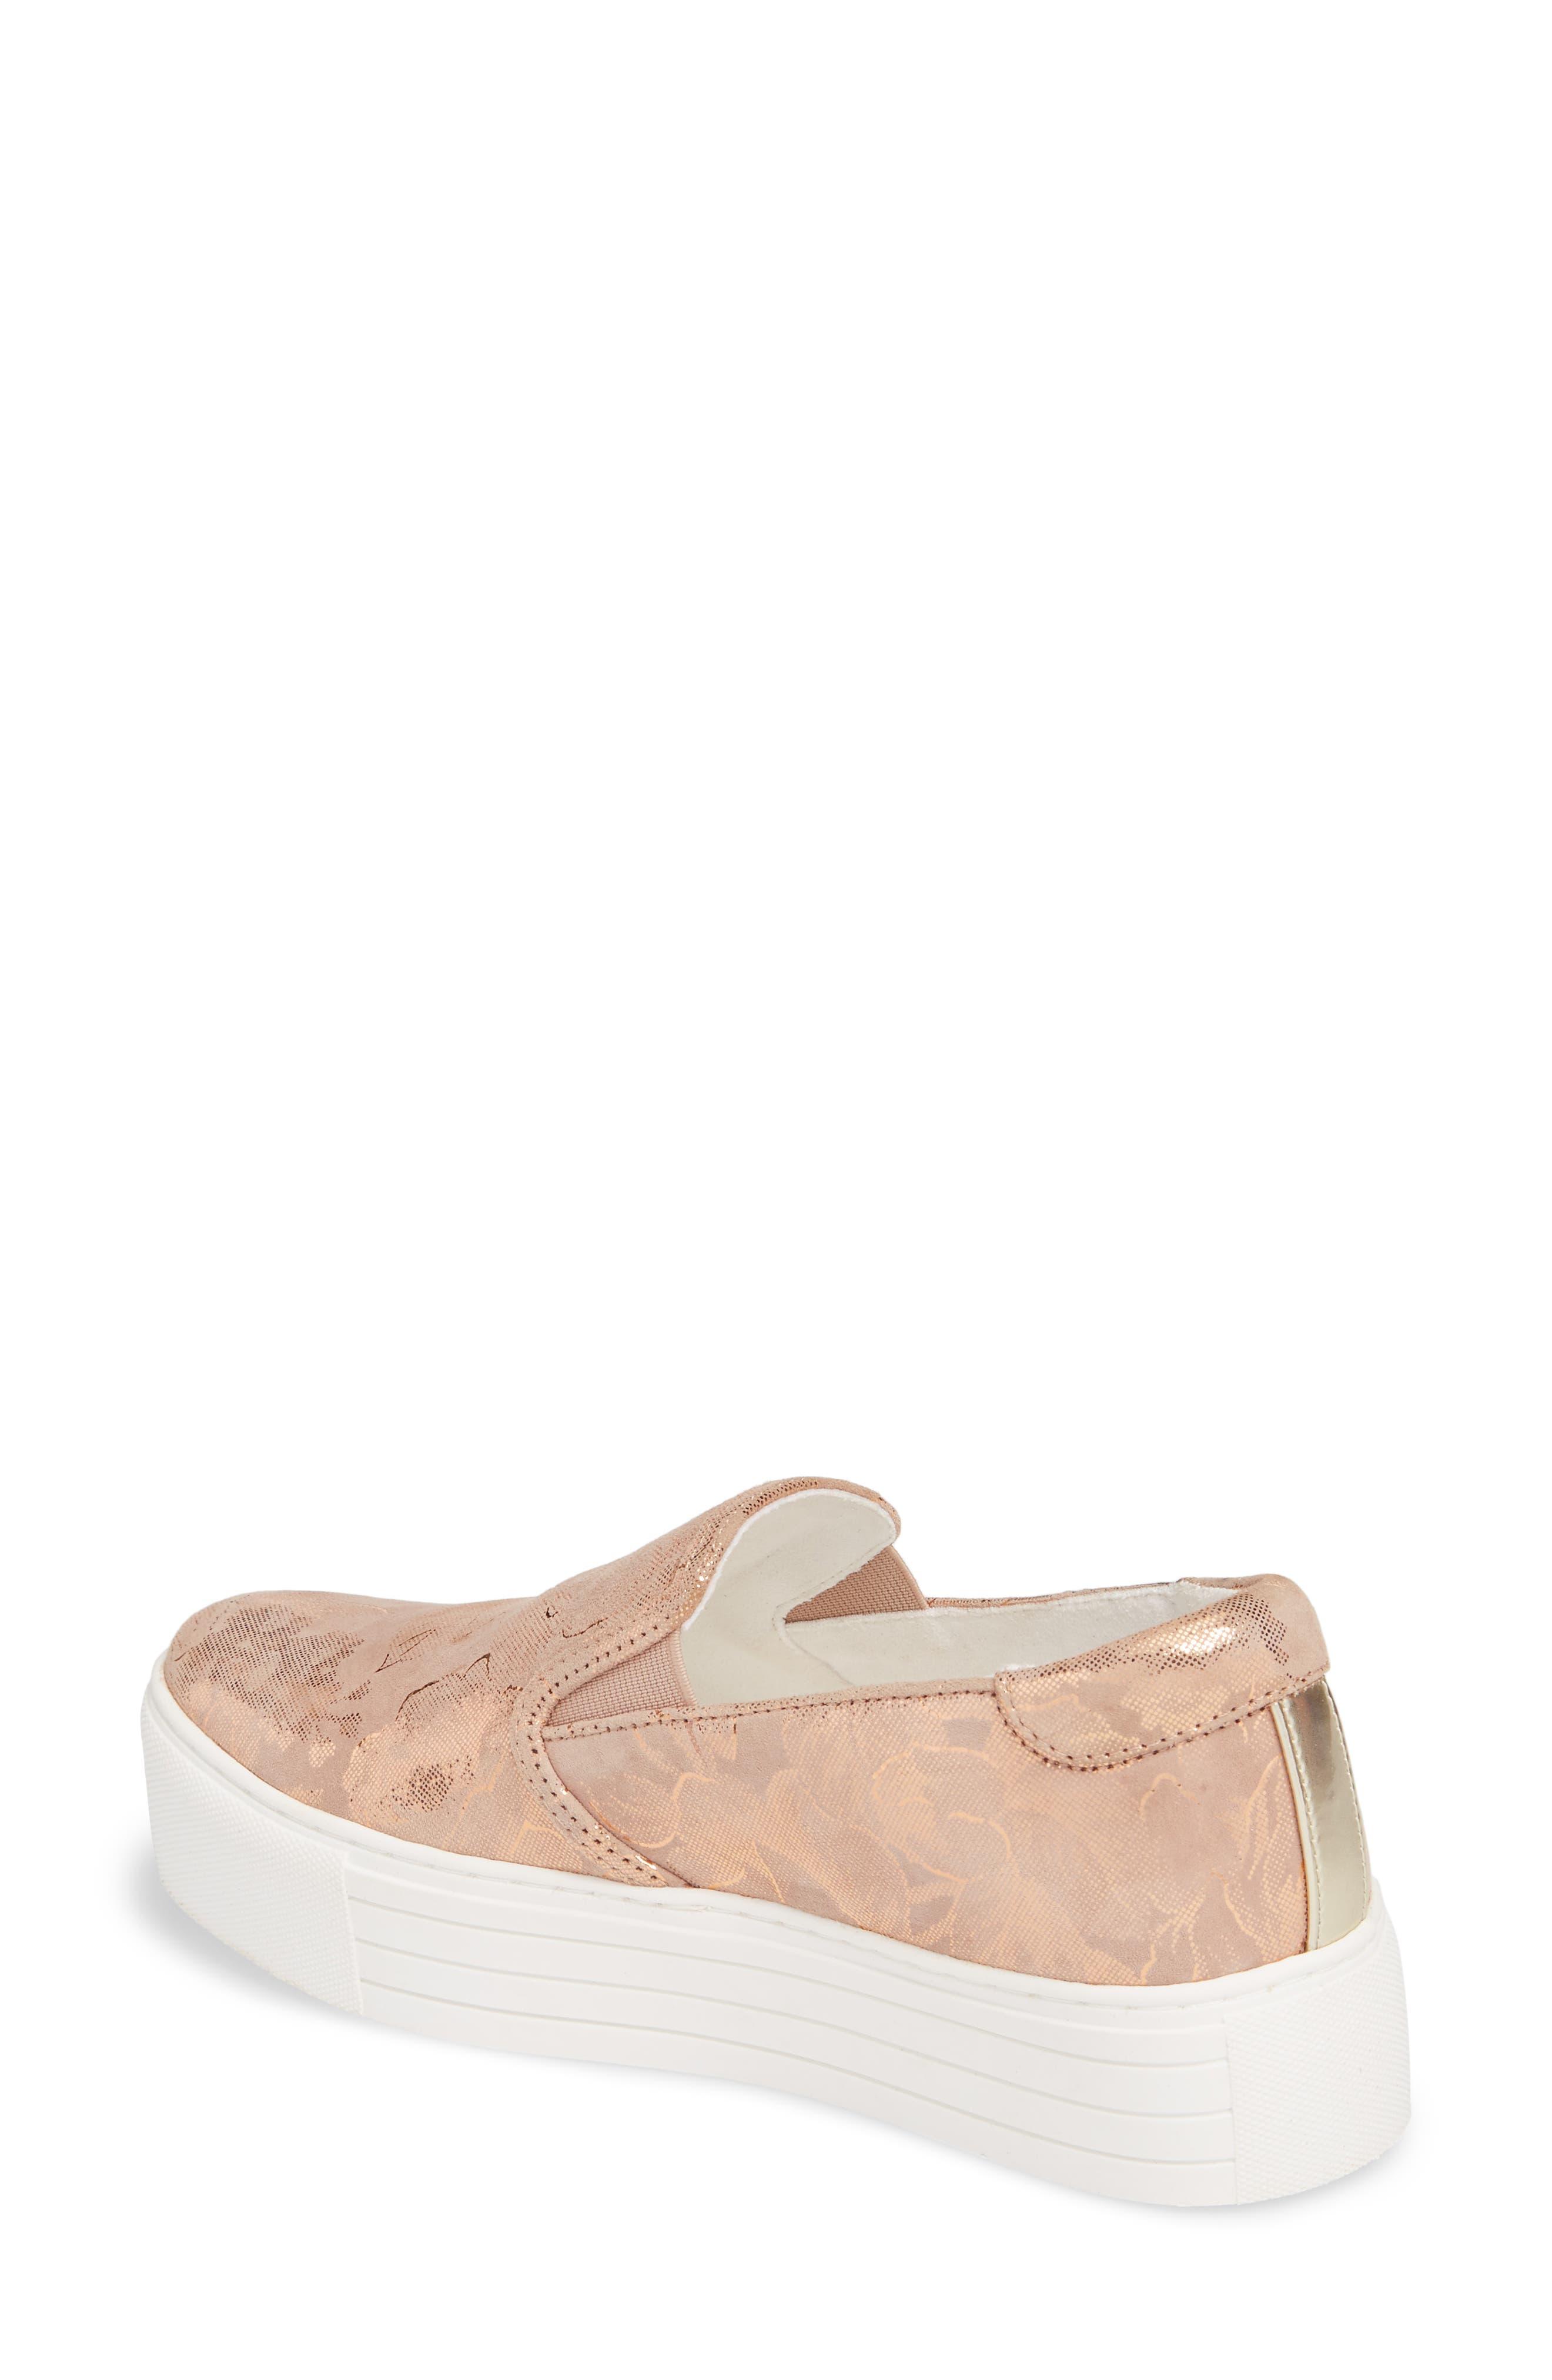 Joanie Slip-On Platform Sneaker,                             Alternate thumbnail 18, color,